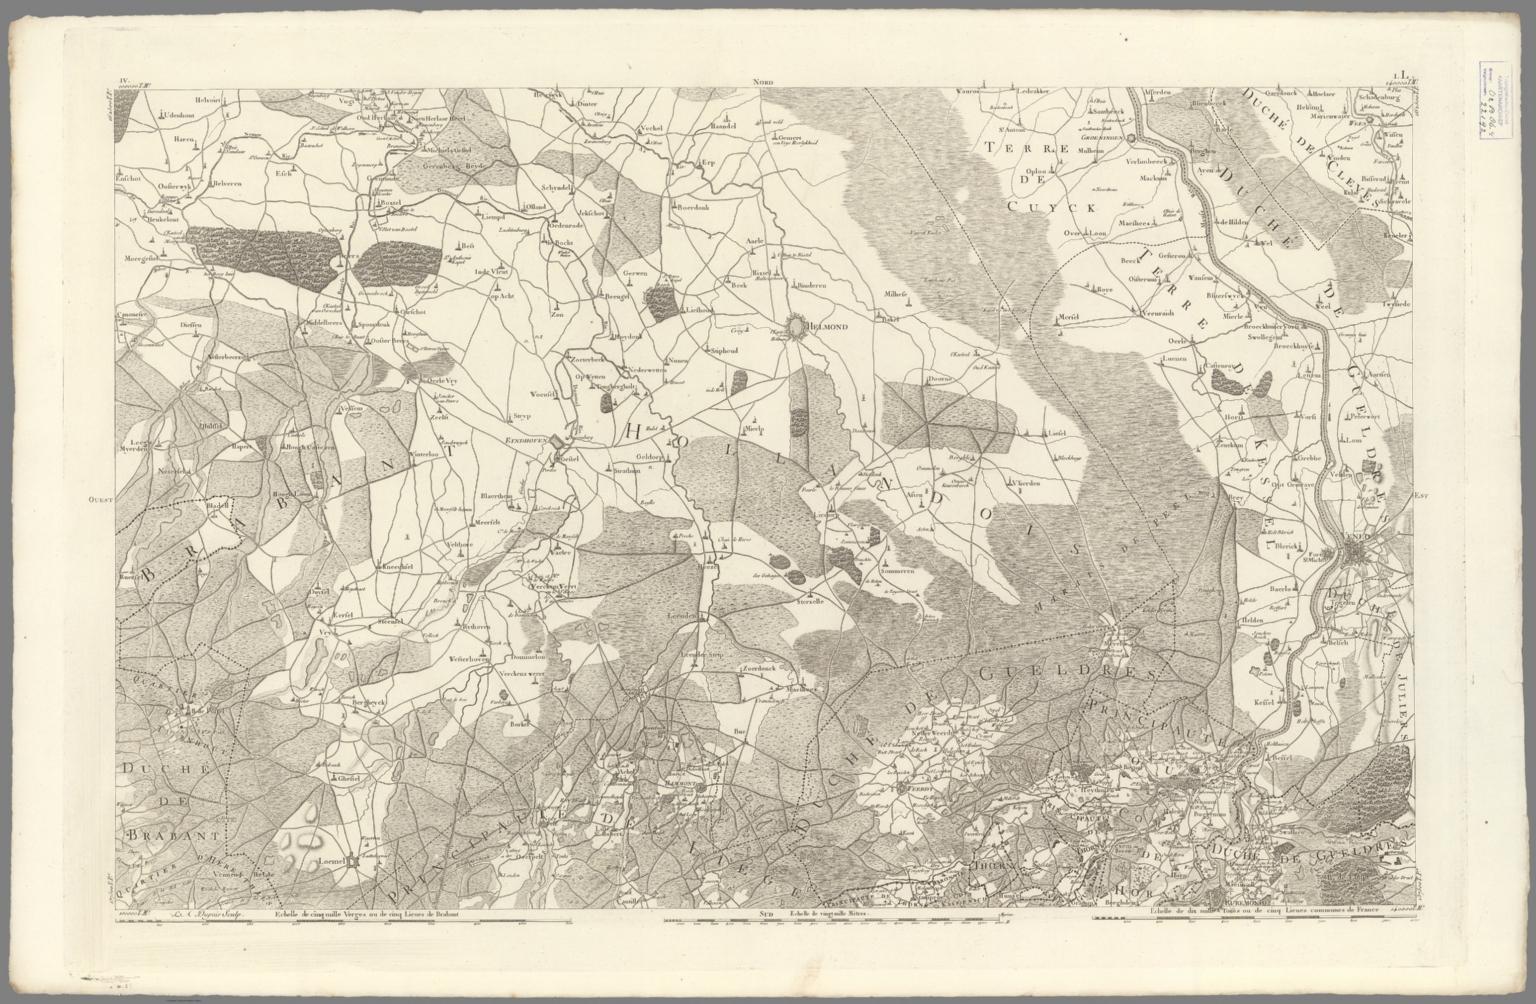 No. 4. Carte chorographique des Pays-bas autrichiens